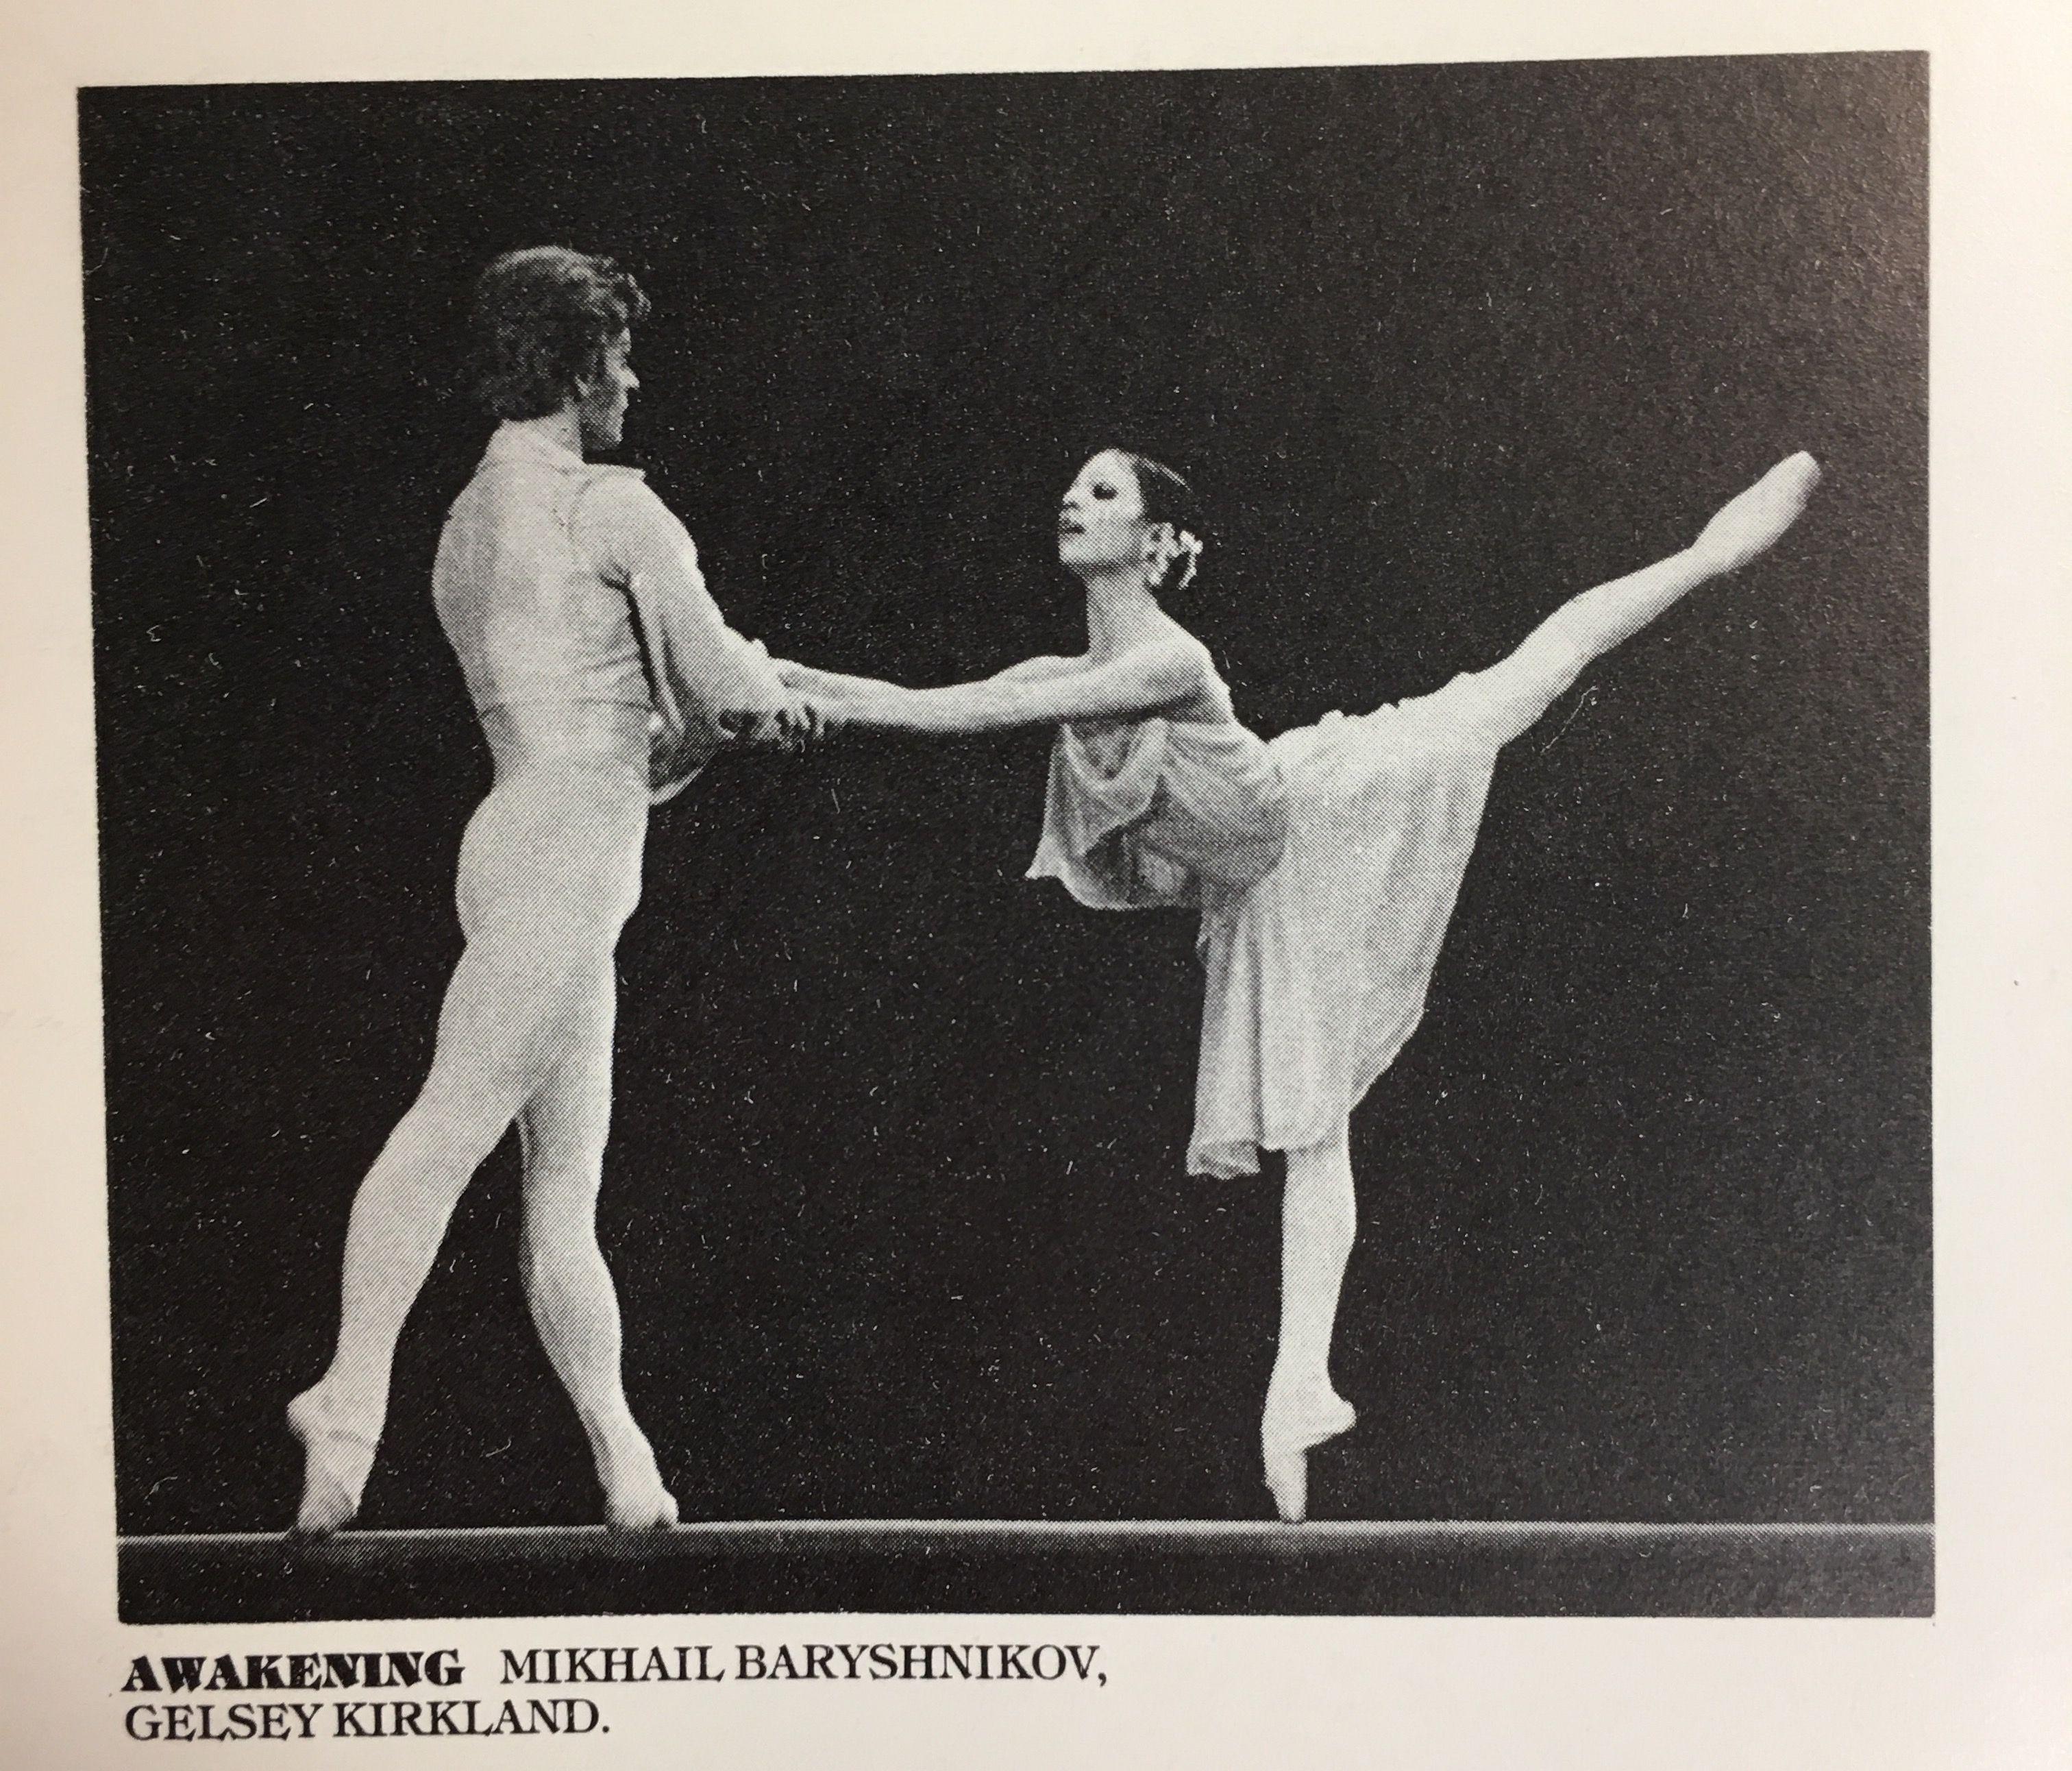 gelsey kirkland and mikhail baryshnikov relationship